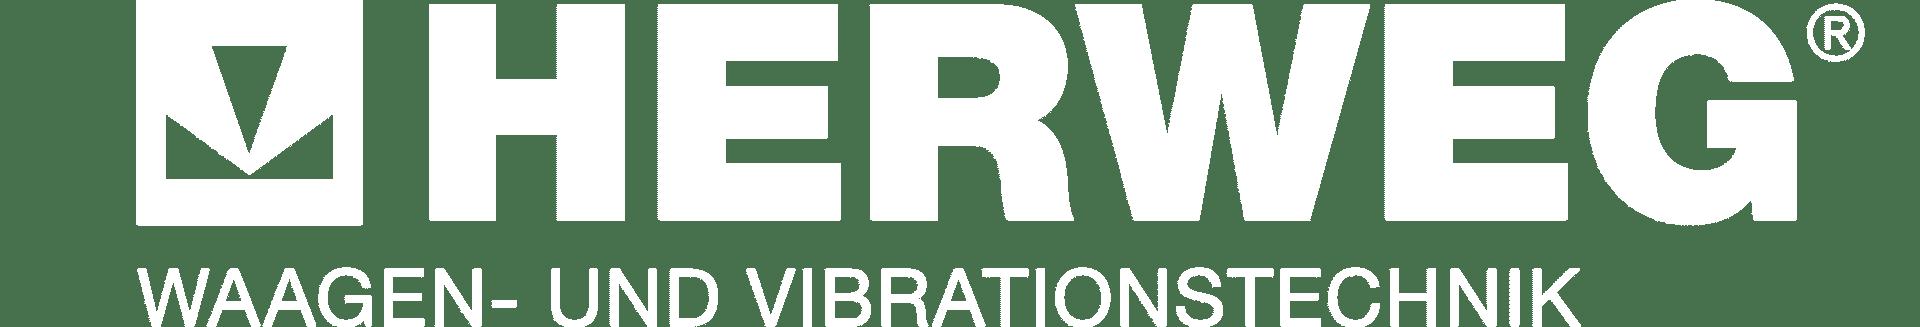 HERWEG Logo White